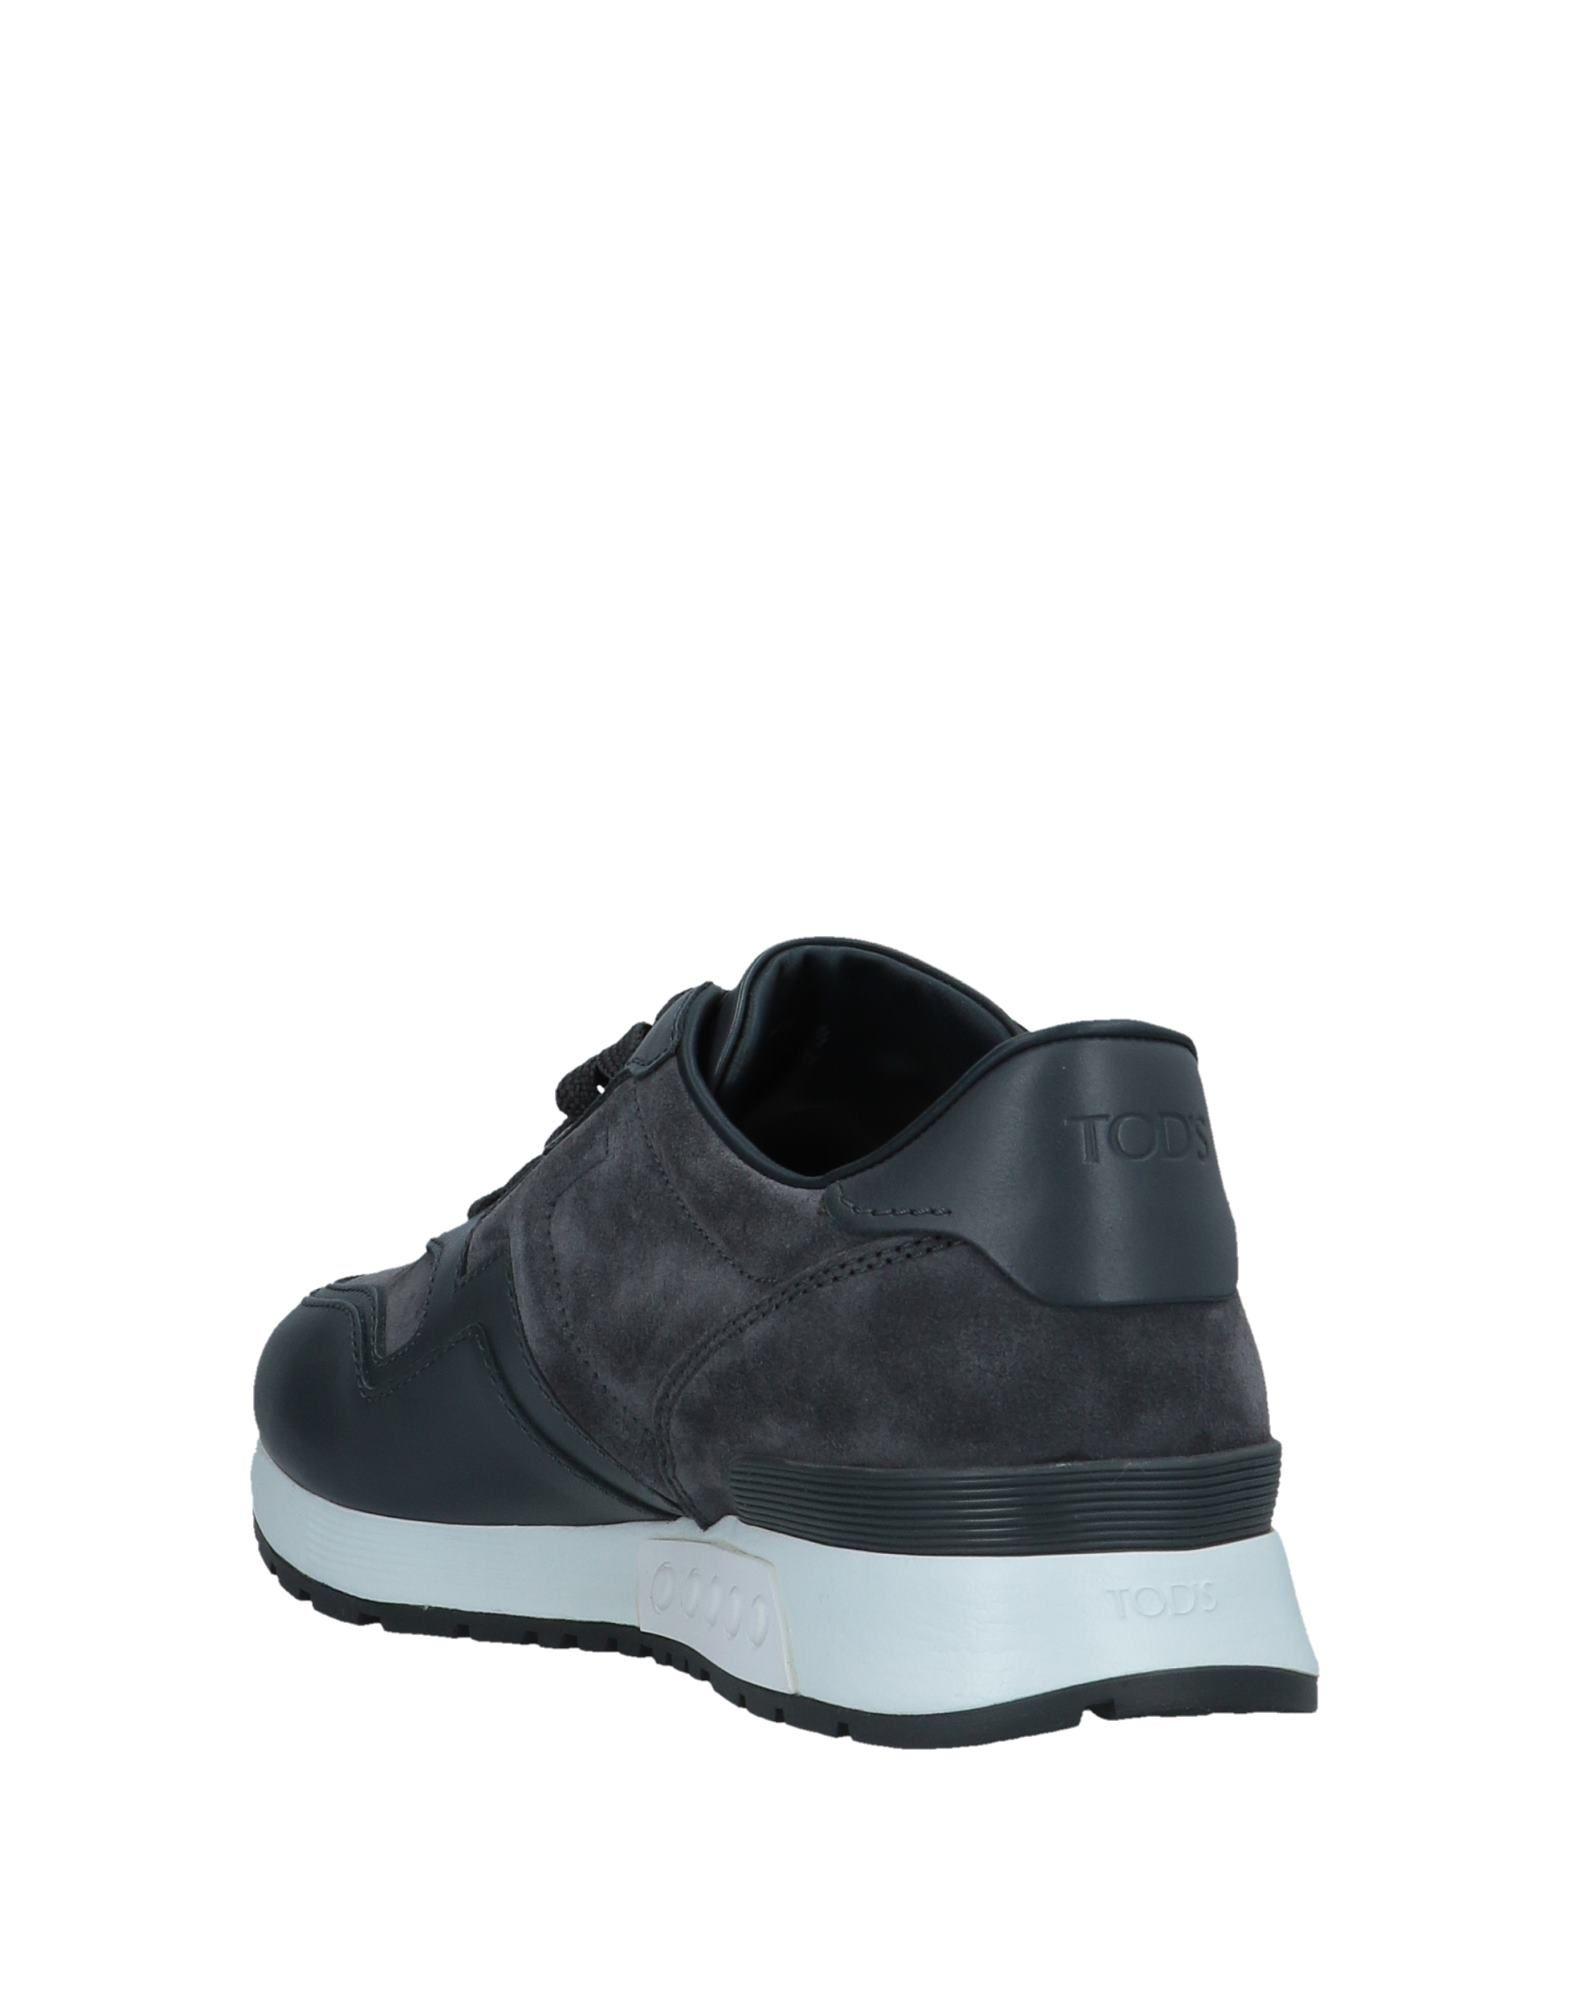 Tod's Sneakers Herren  11509243XG Schuhe Gute Qualität beliebte Schuhe 11509243XG 6c6e22